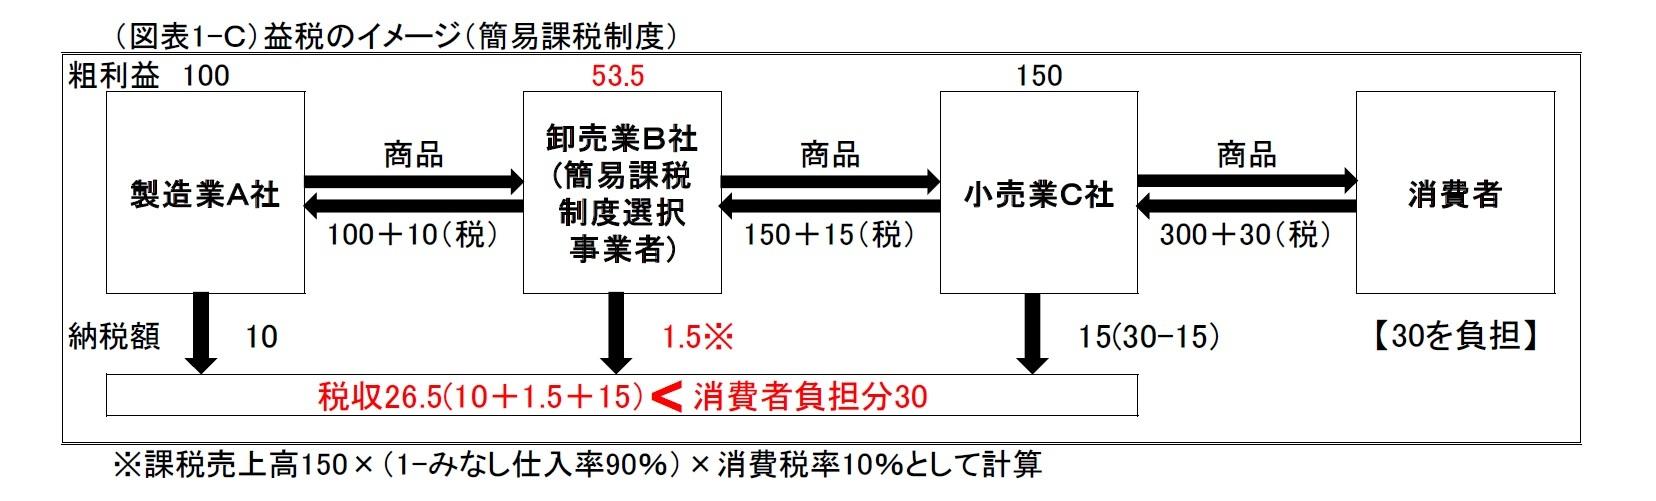 (図表1-C)益税のイメージ(簡易課税制度)